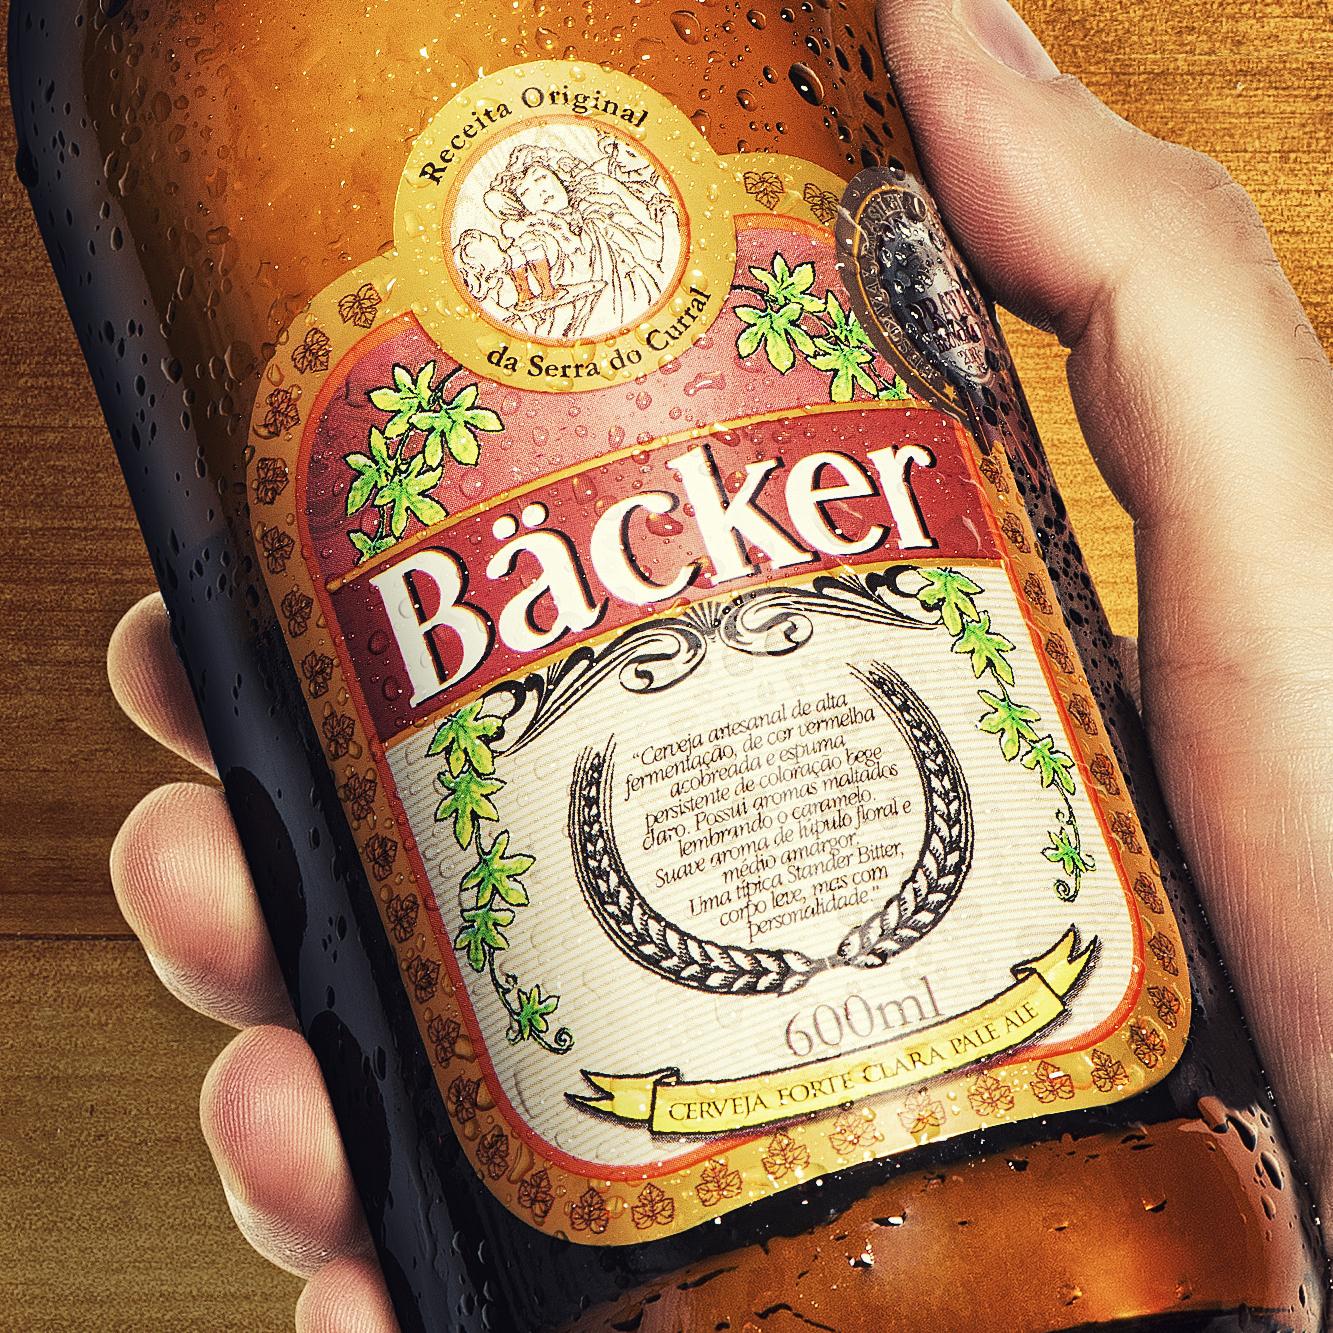 Backer_2014_06_004 1